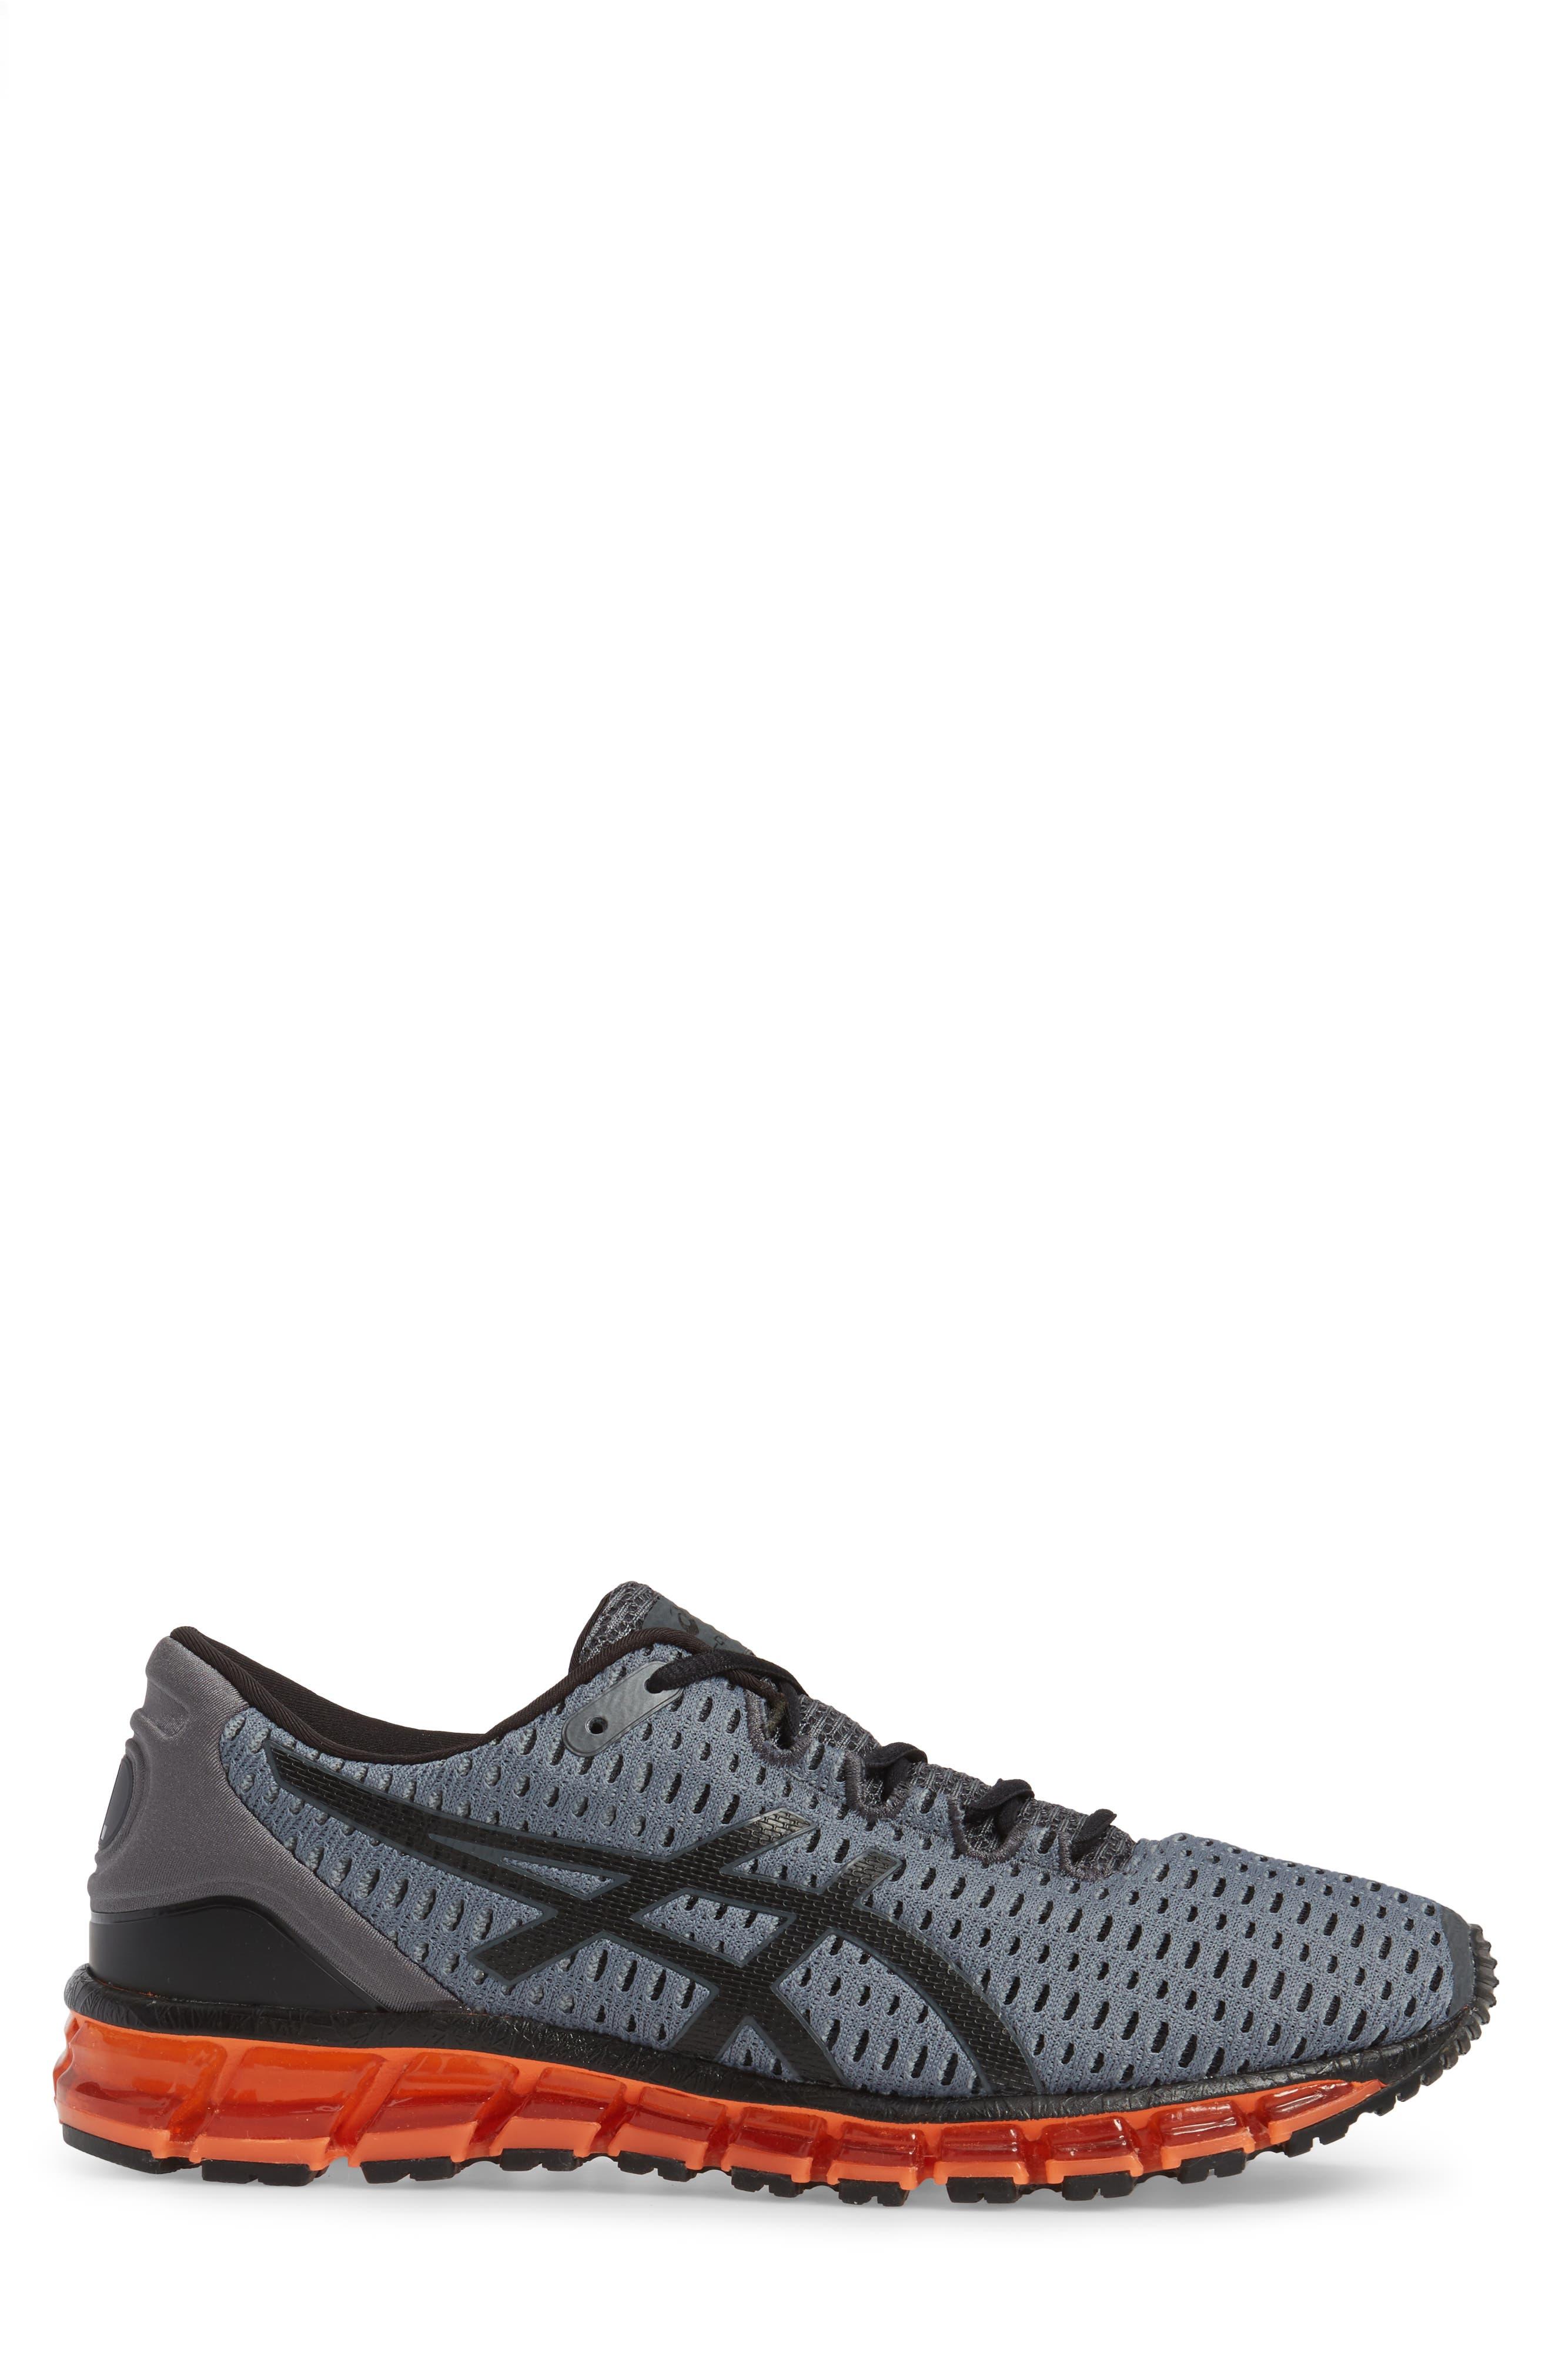 Alternate Image 3  - ASICS® GEL-Quantum 360 Running Shoe (Men)